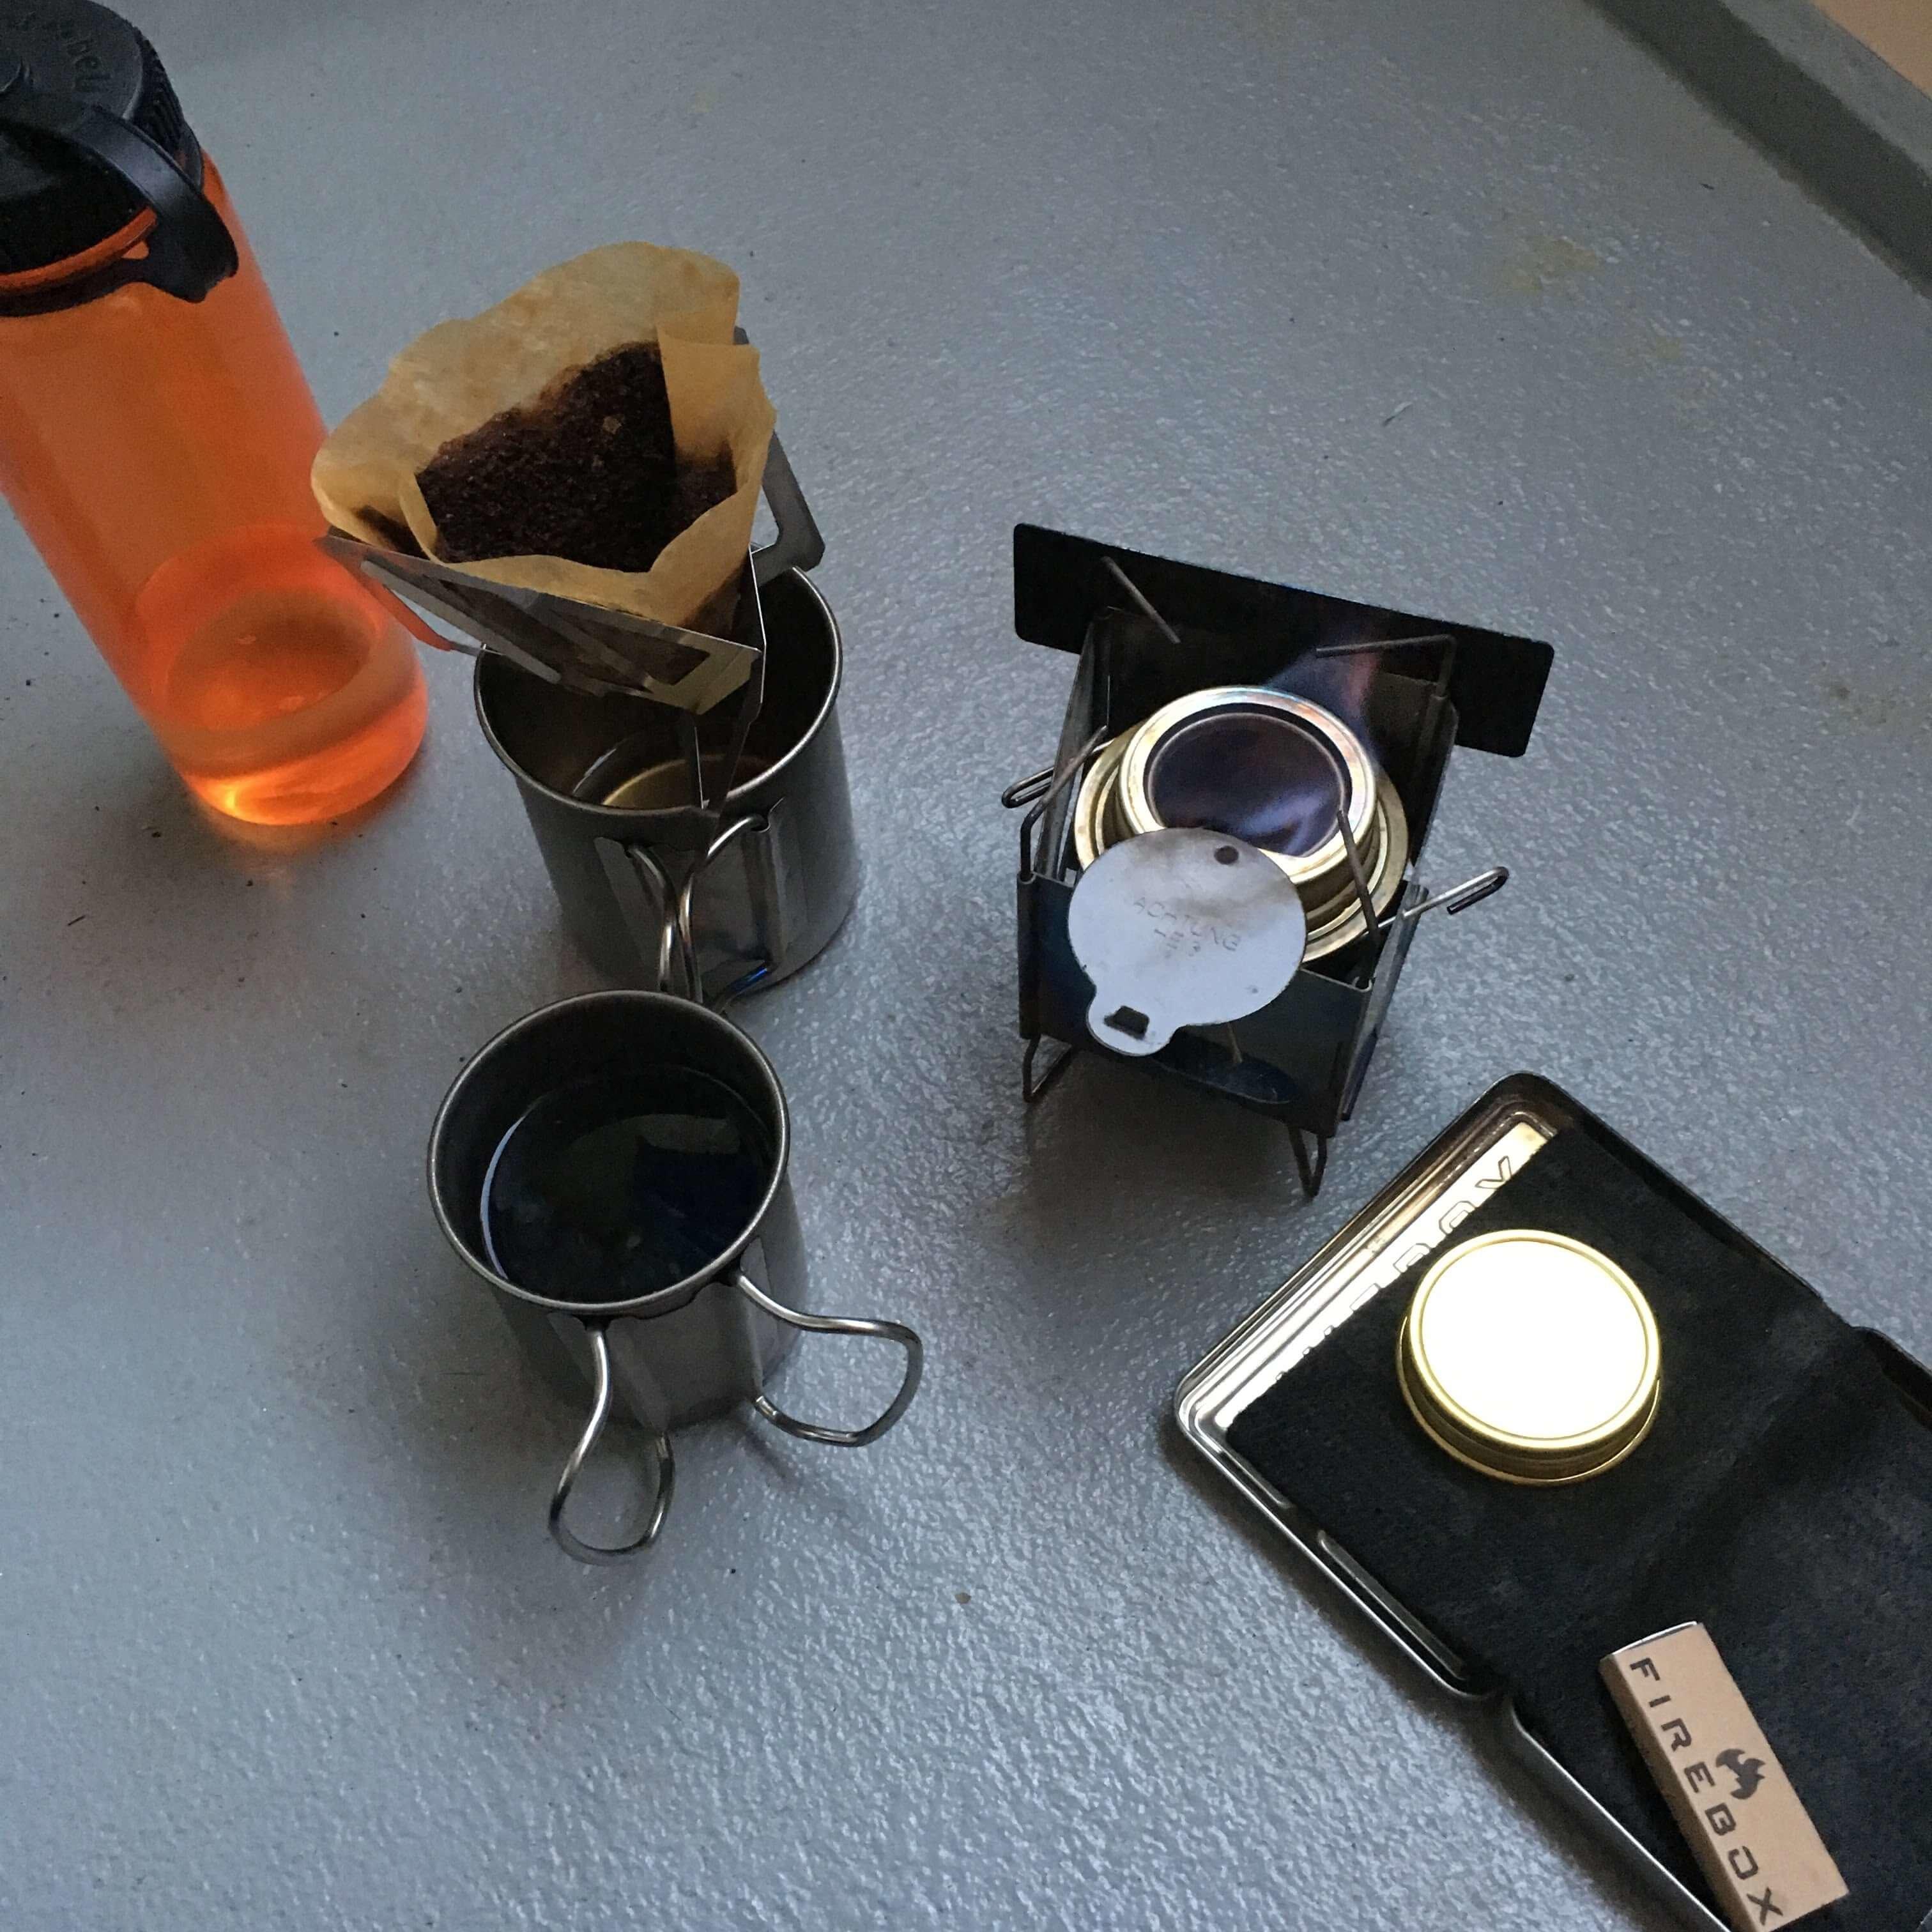 ベランダでコーヒー